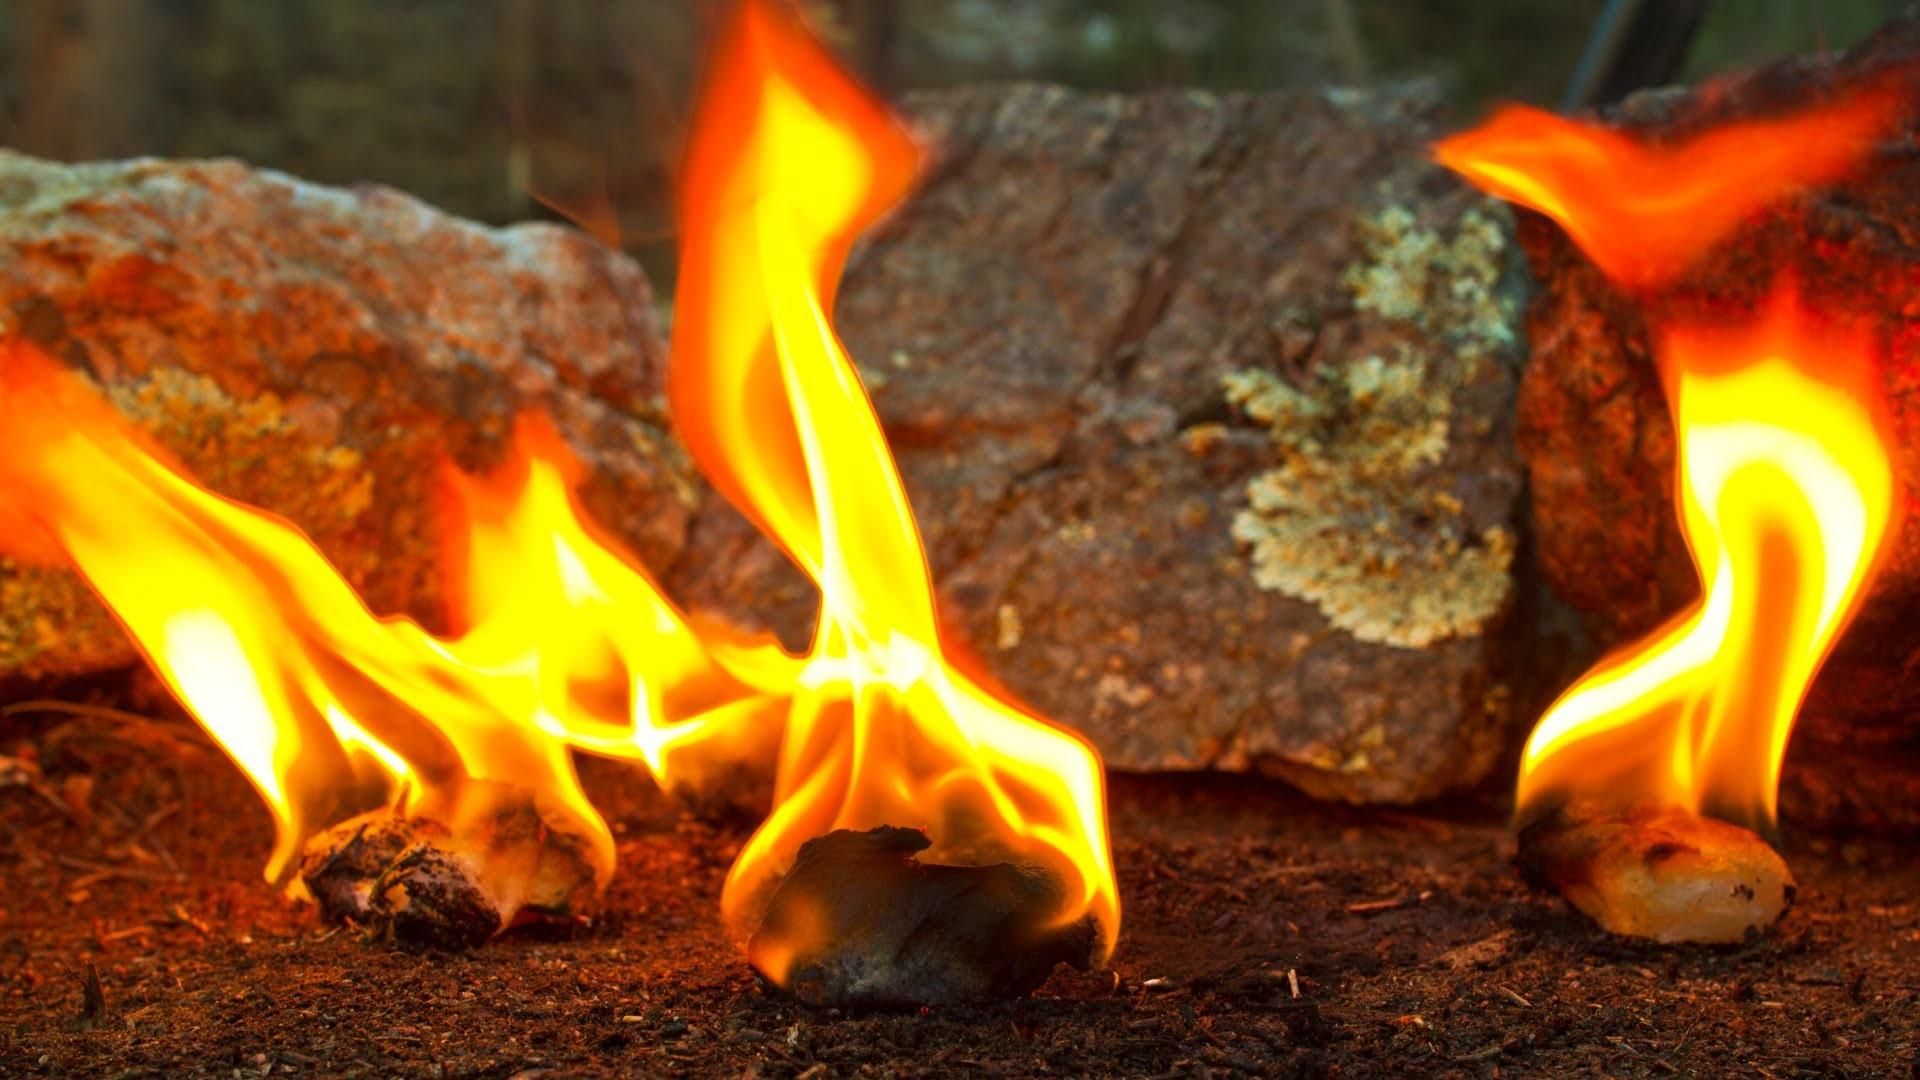 DIY Fire Starter - Cheap, Easy & Hot!